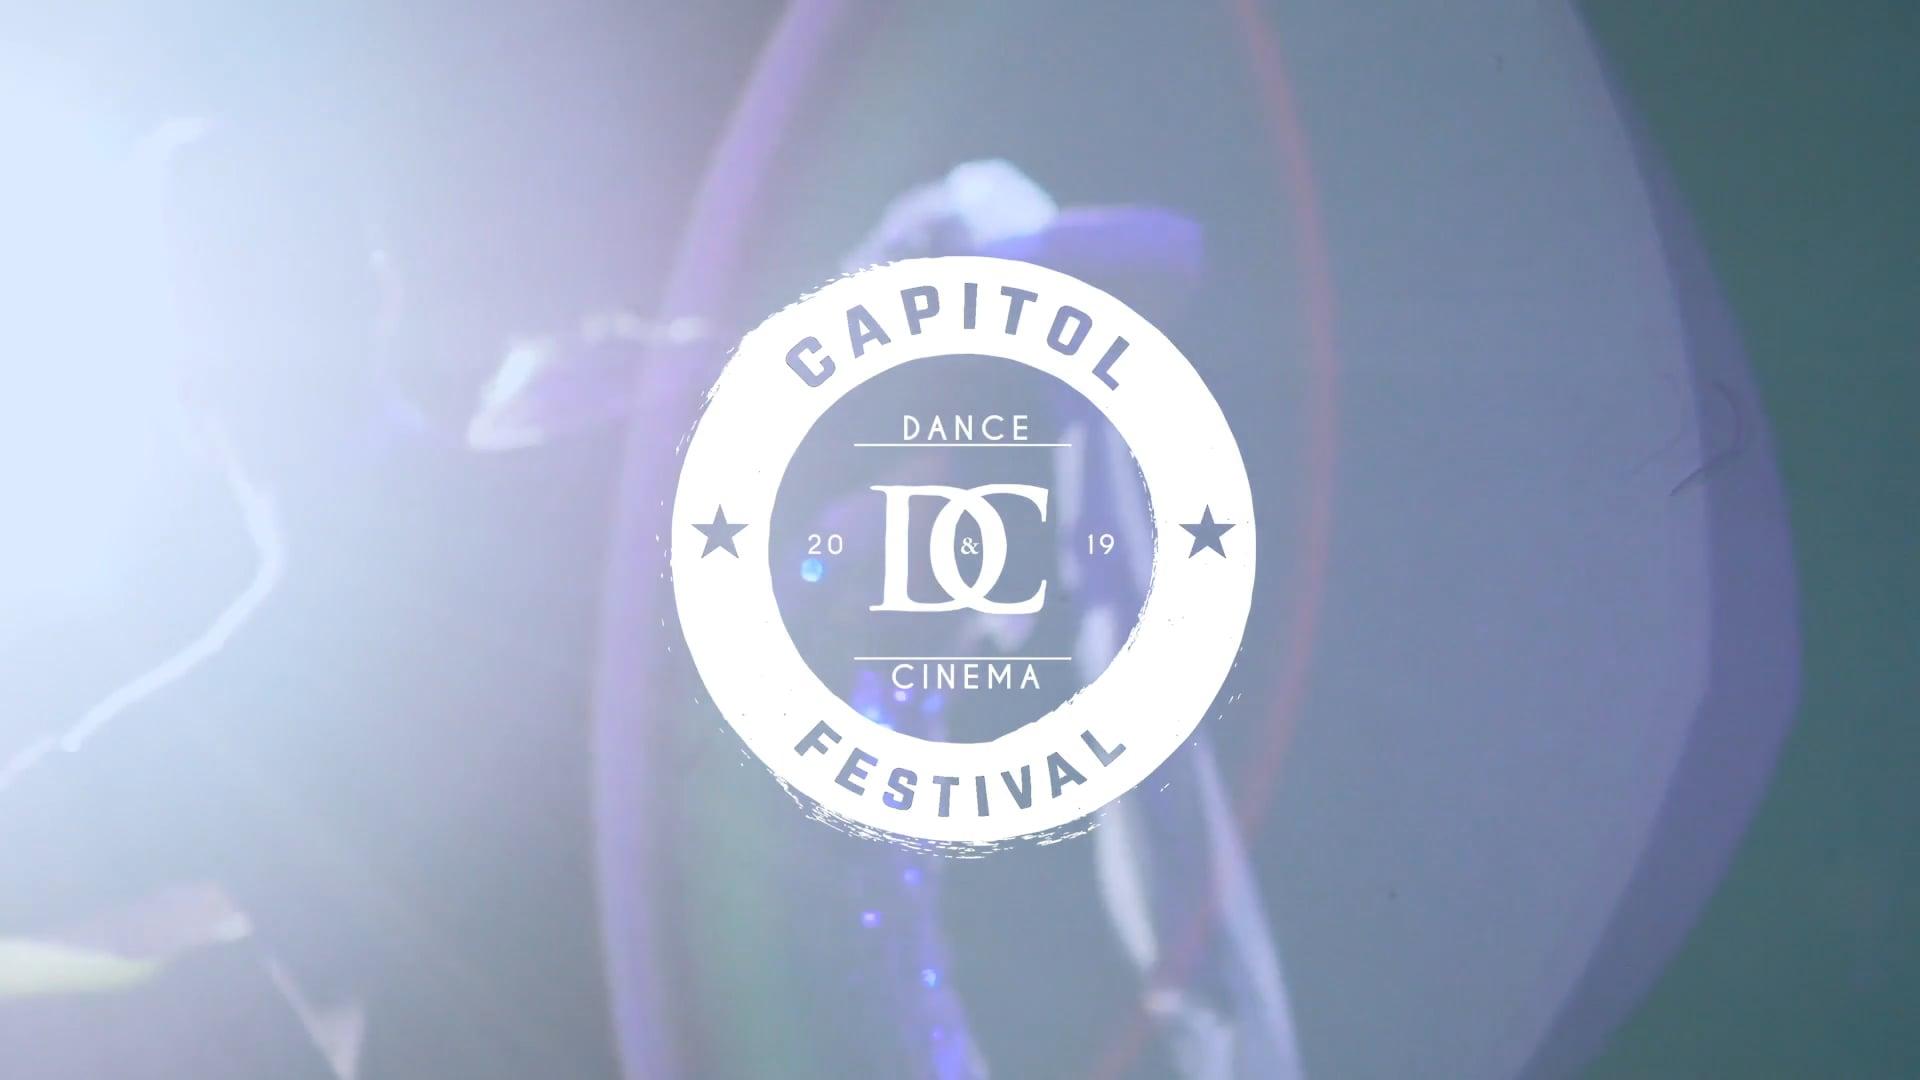 Capitol D&C Festival 2019 Supercut